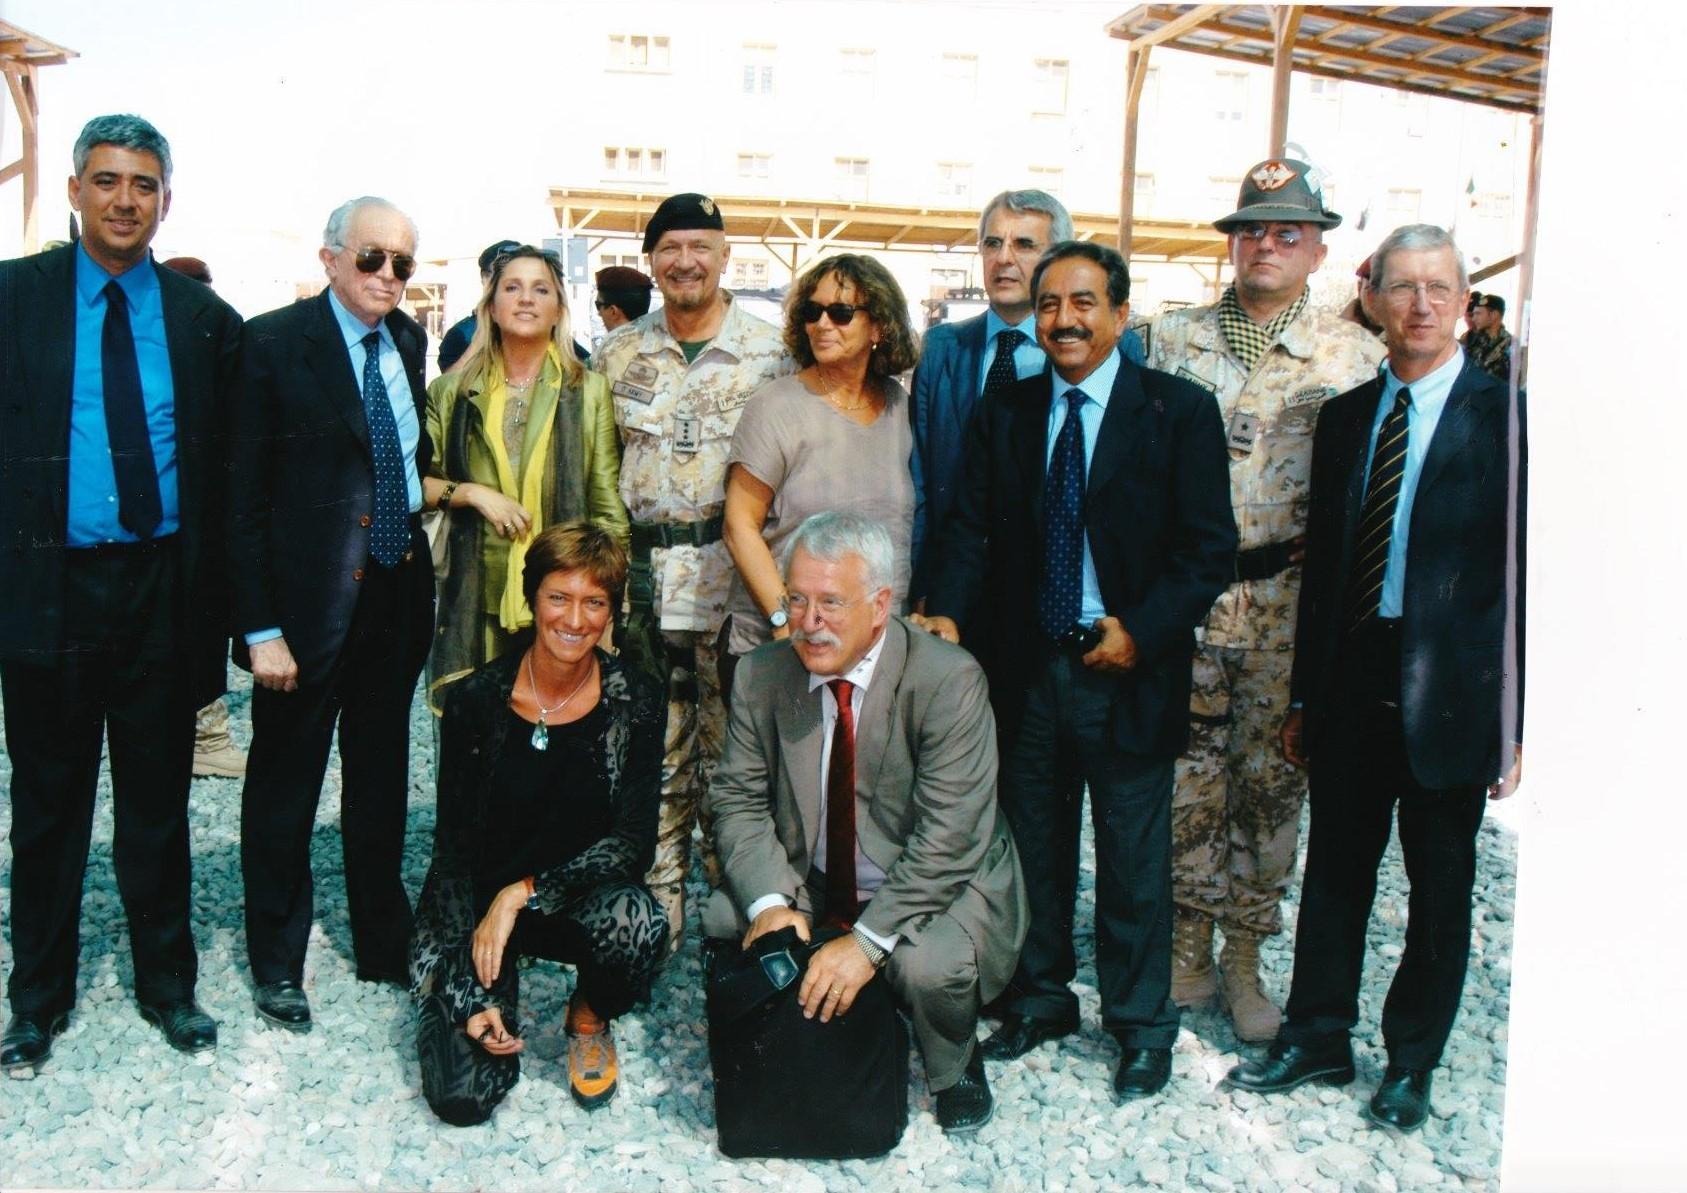 Kabul, Afghanistan, 5 agosto 2005 - Gen. Mauro Del Vecchio con i parlamentari Rino Piscitello, Luigi Ramponi, Roberta Pinotti, Giovanni Collino, Lorenzo Forcieri